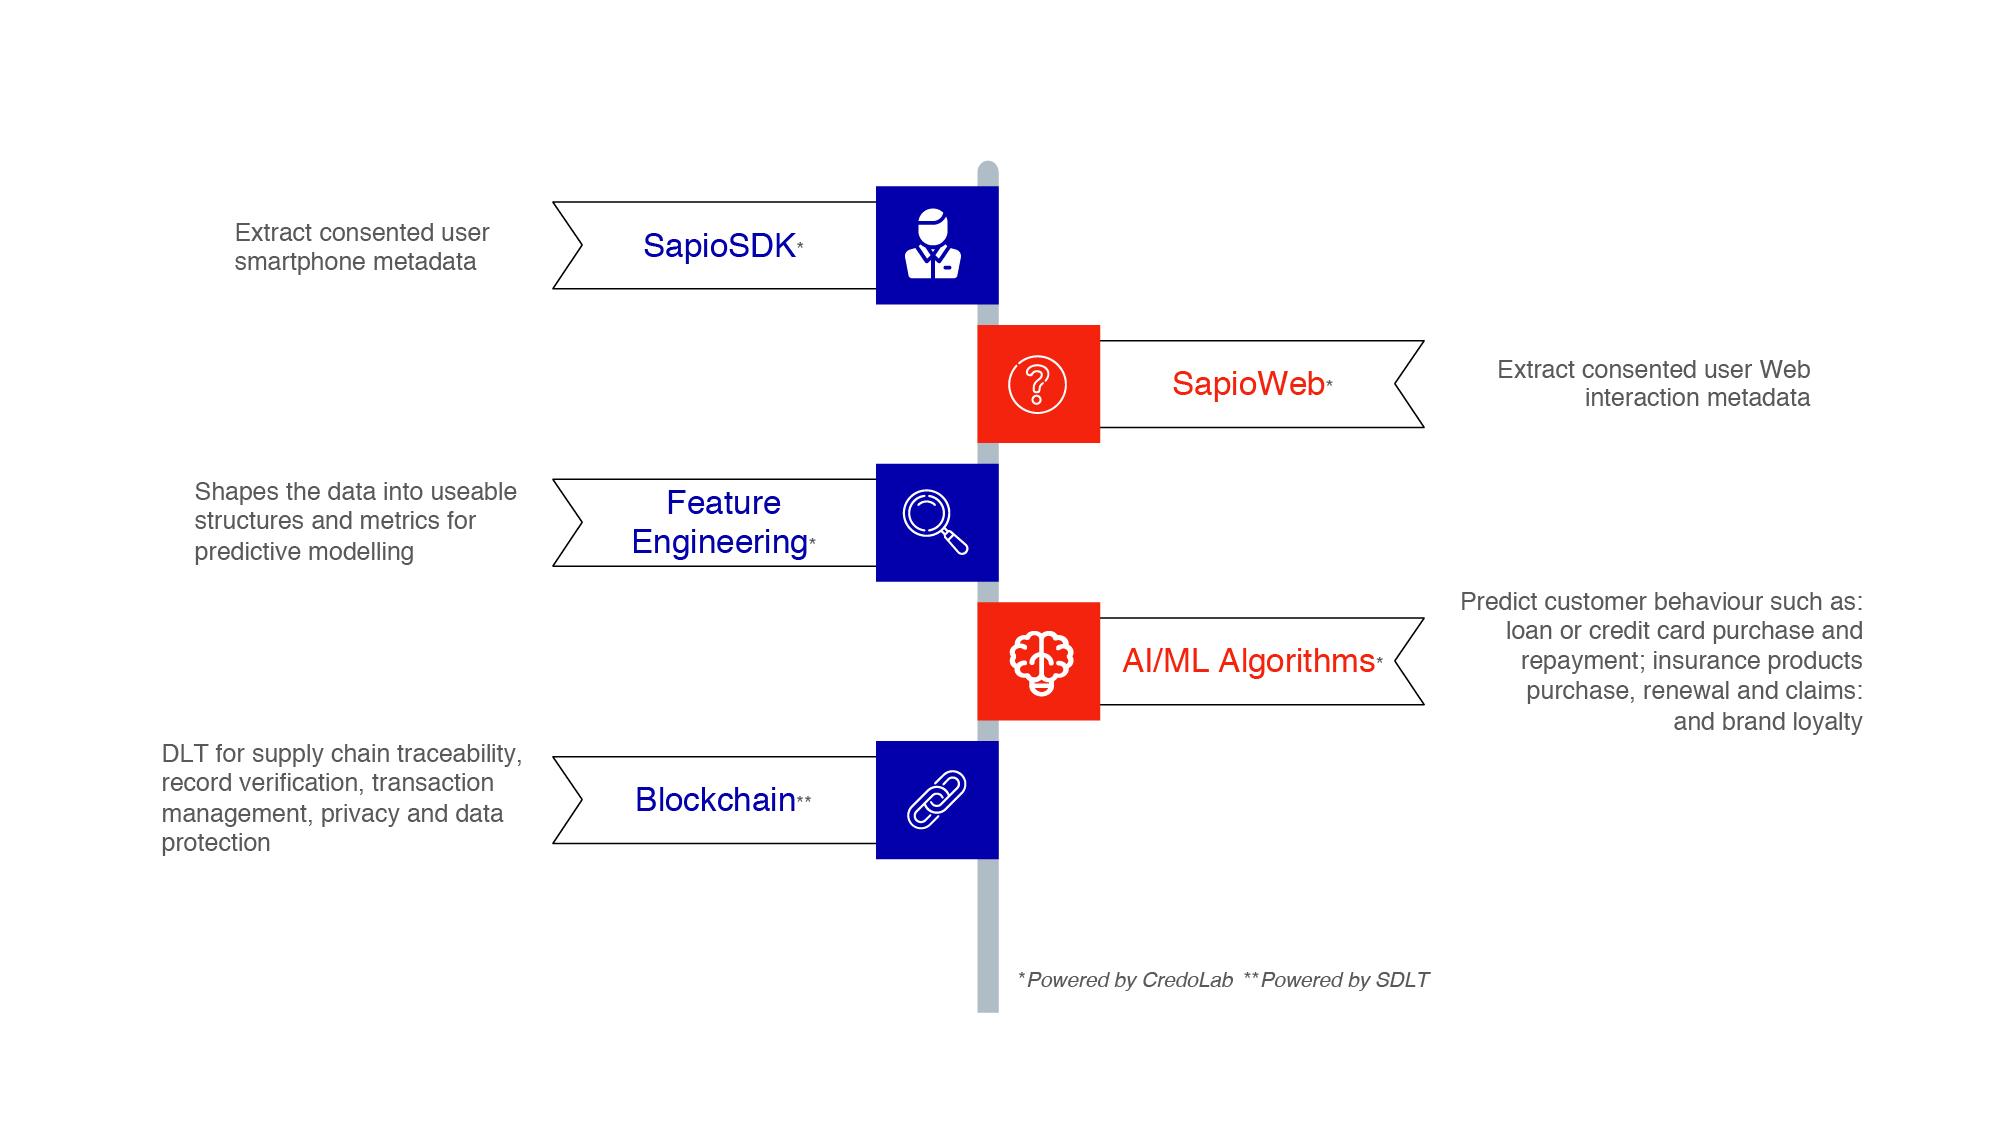 technical attributes fintech services asia ml thailand dlt blockchain sapio Hong Kong